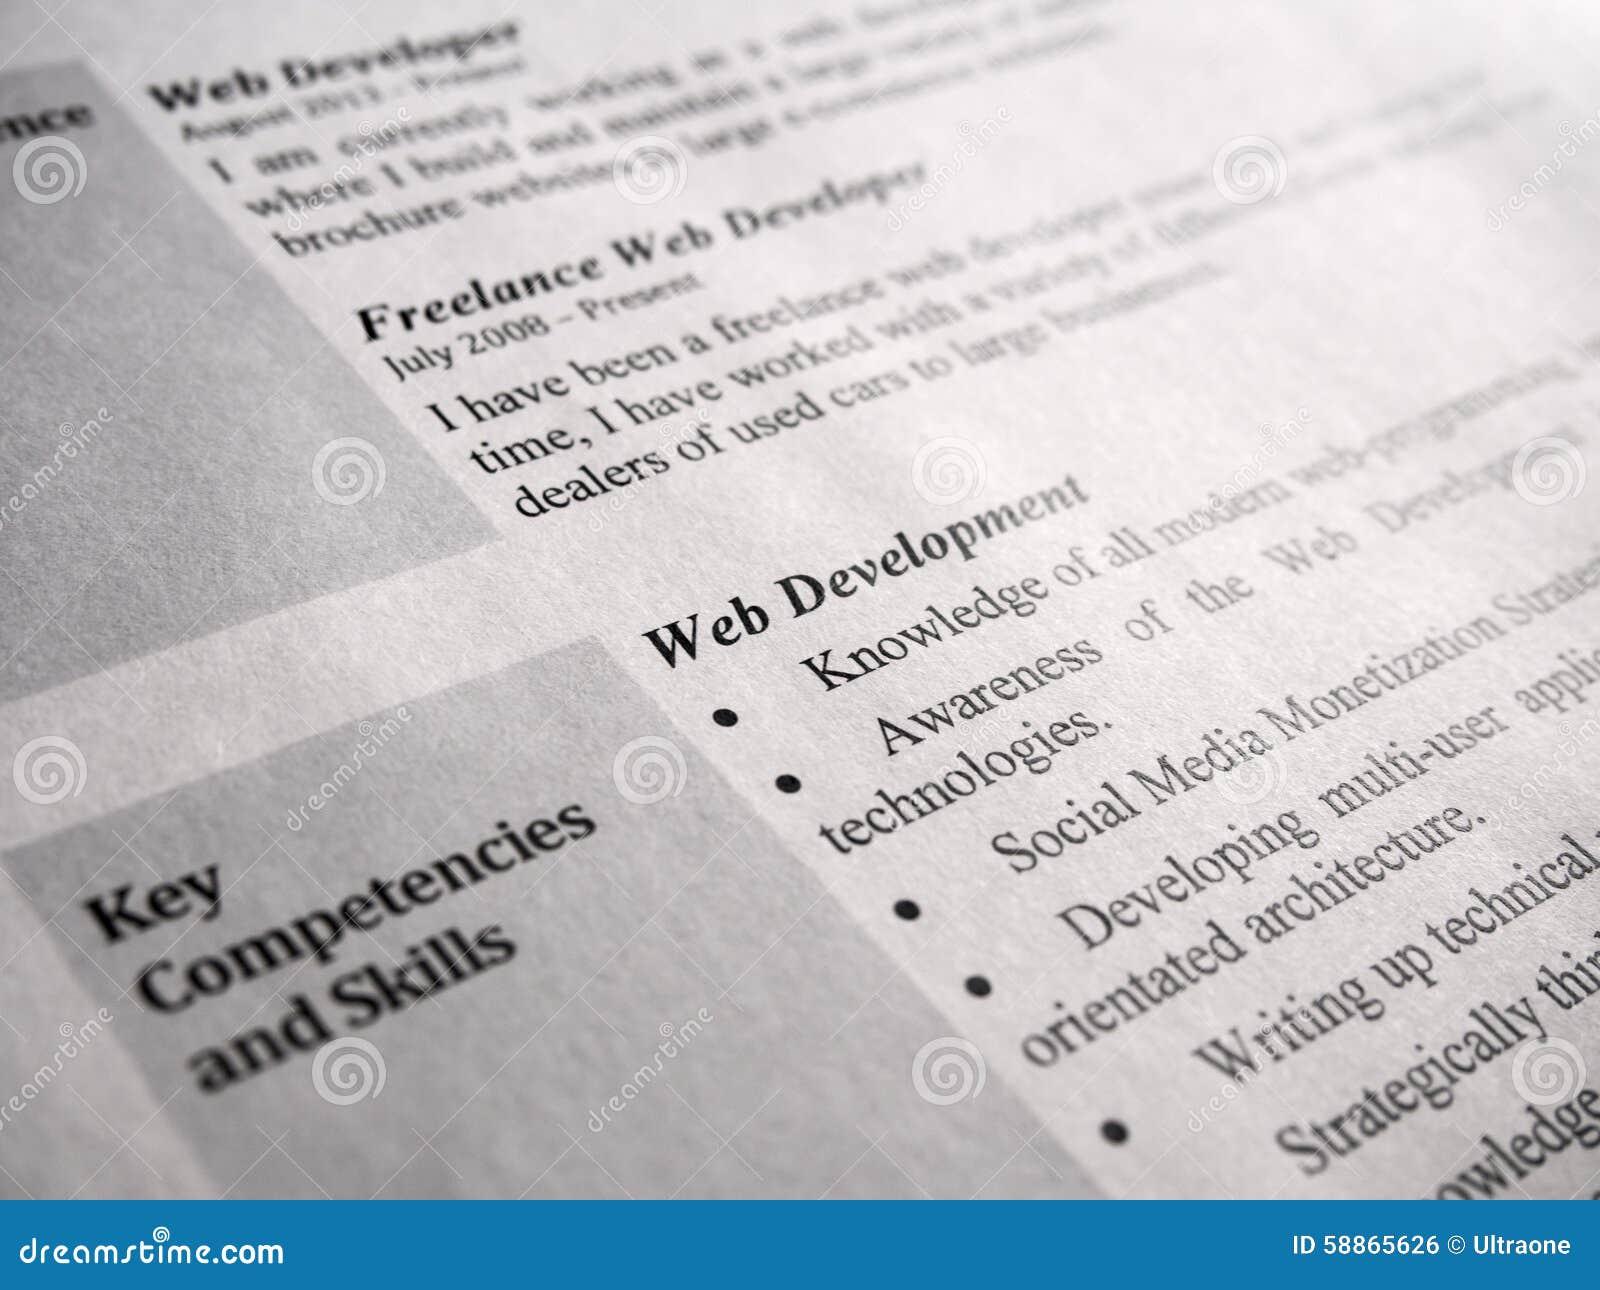 Curriculum Vitae Del Desarrollador De Web Foto de archivo - Imagen ...